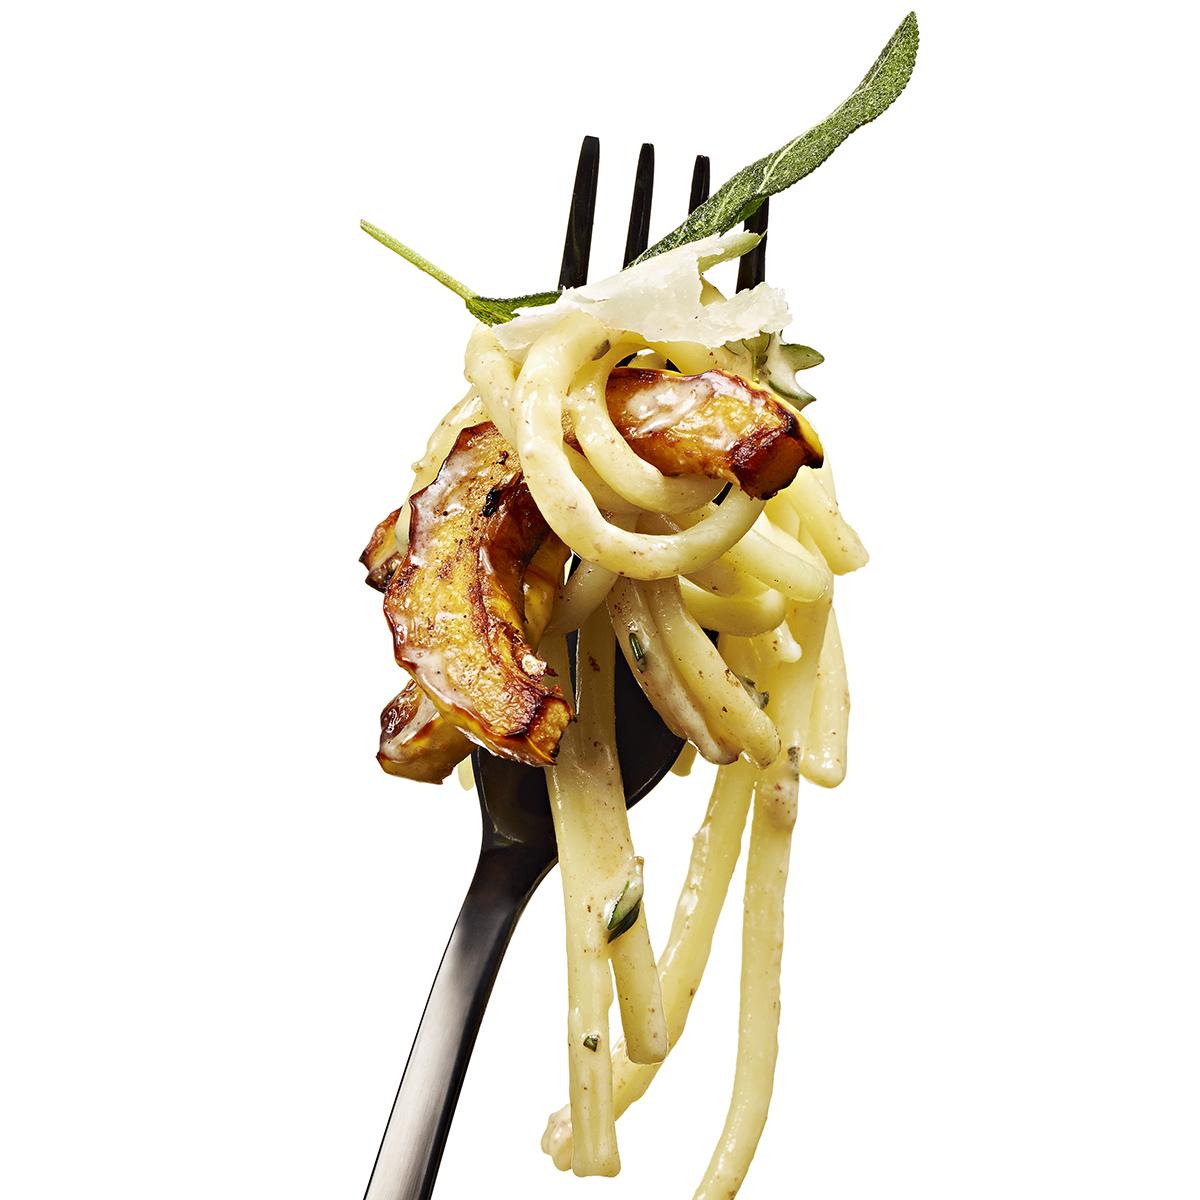 pumpkin spice pasta with delicata squash